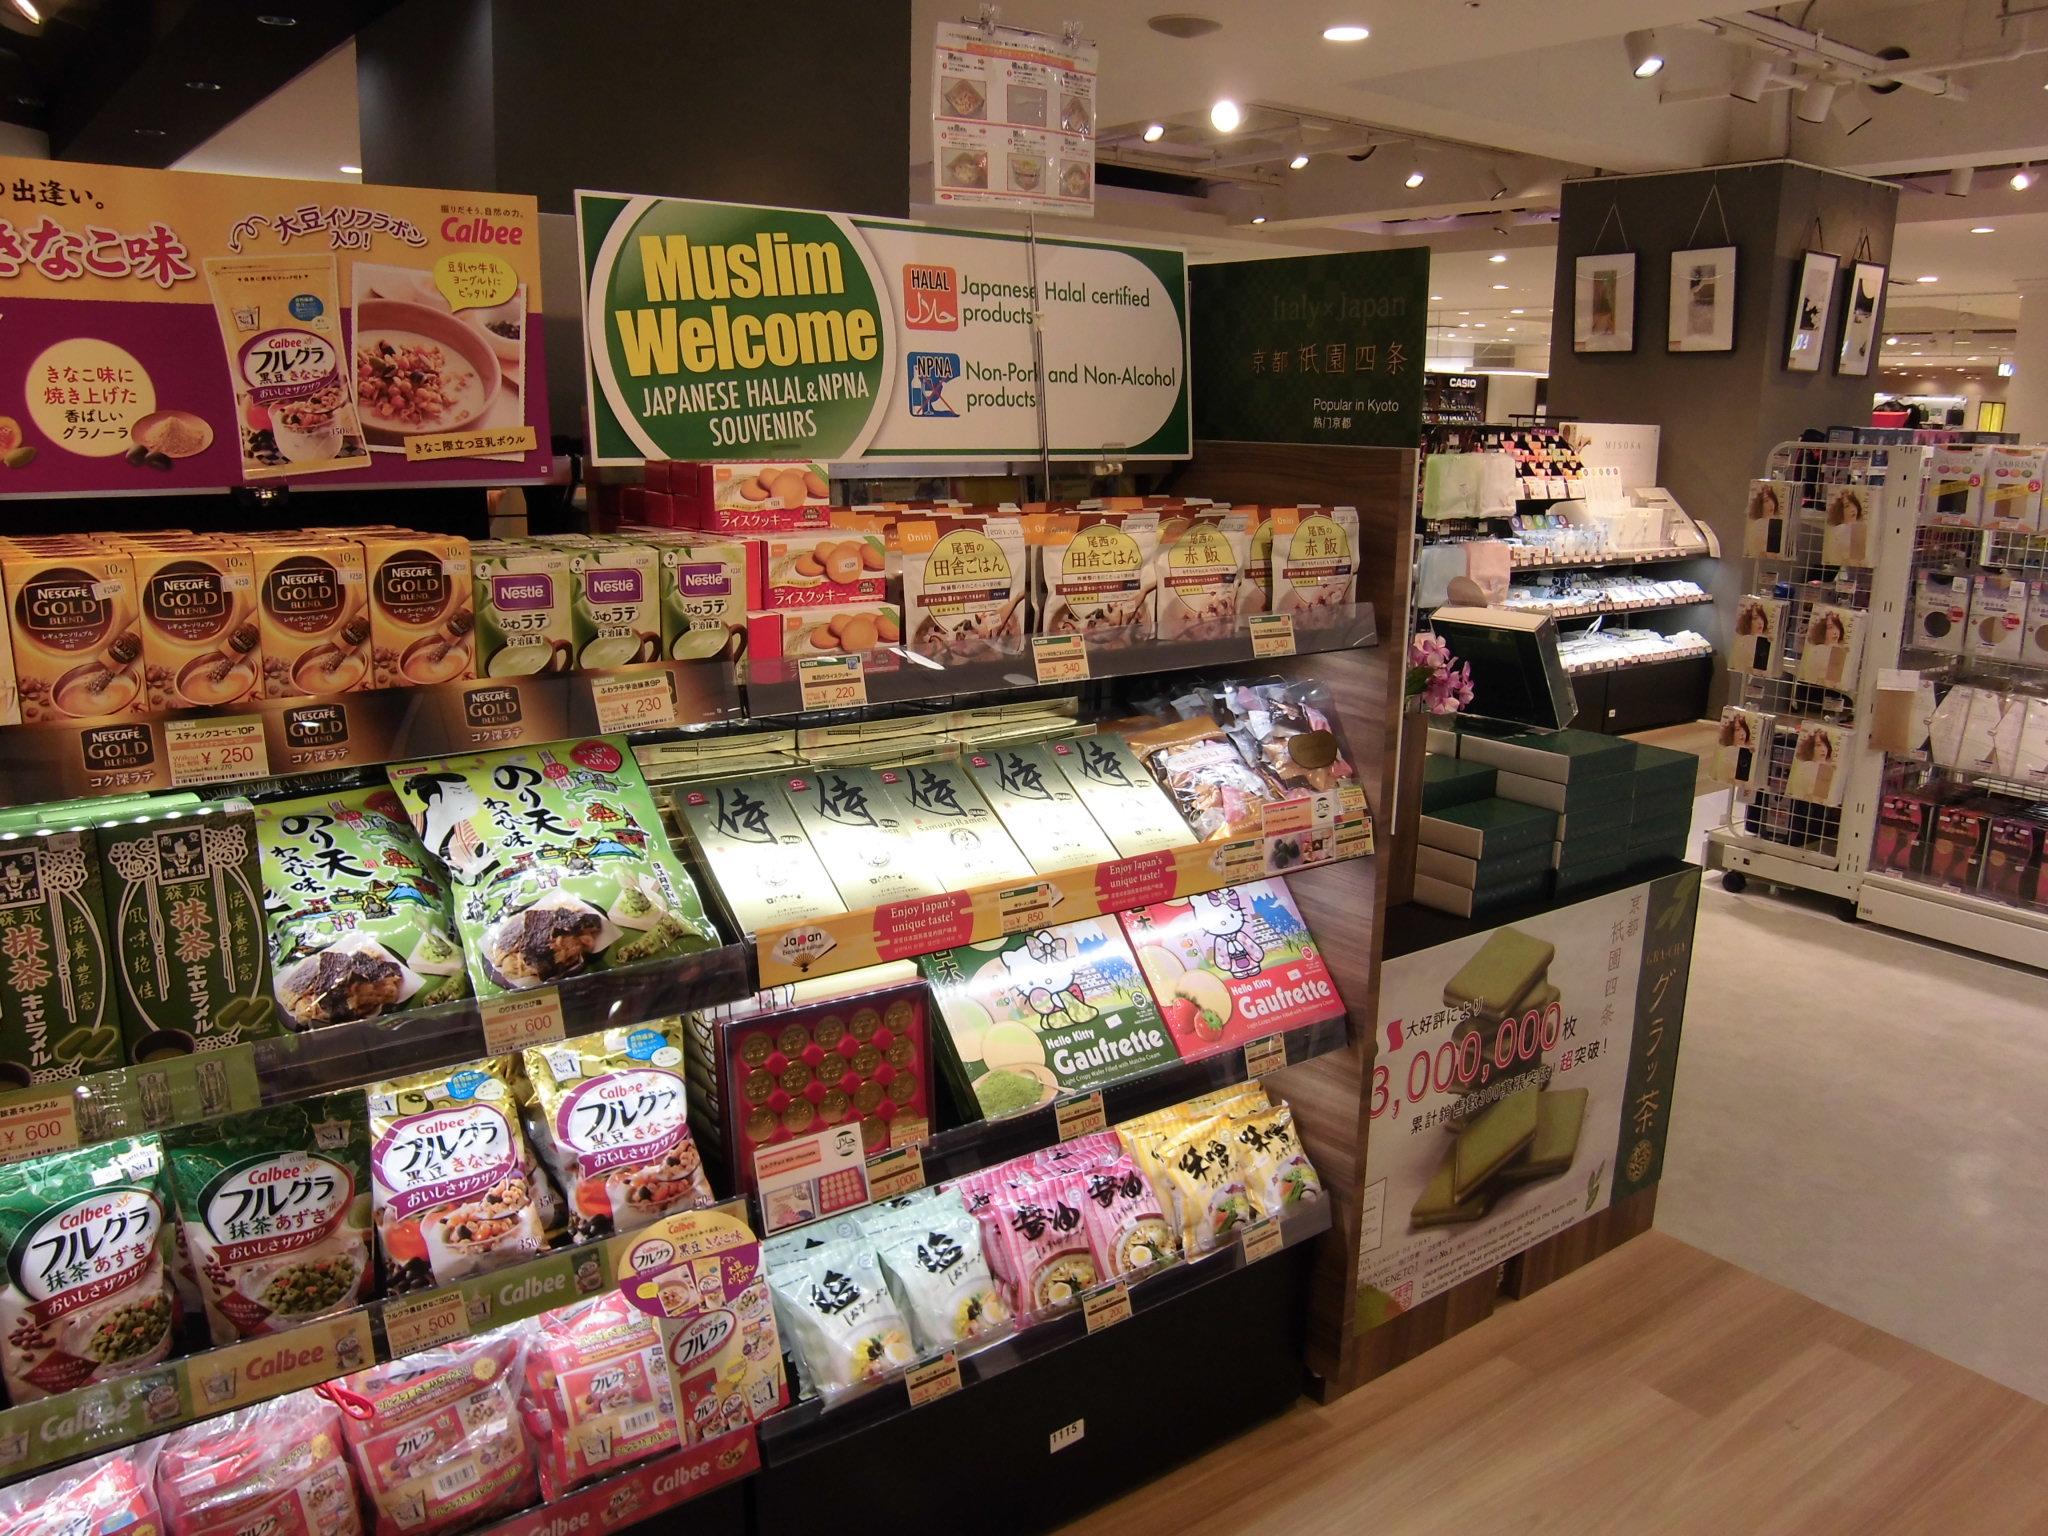 Japan Halal Food Delivery